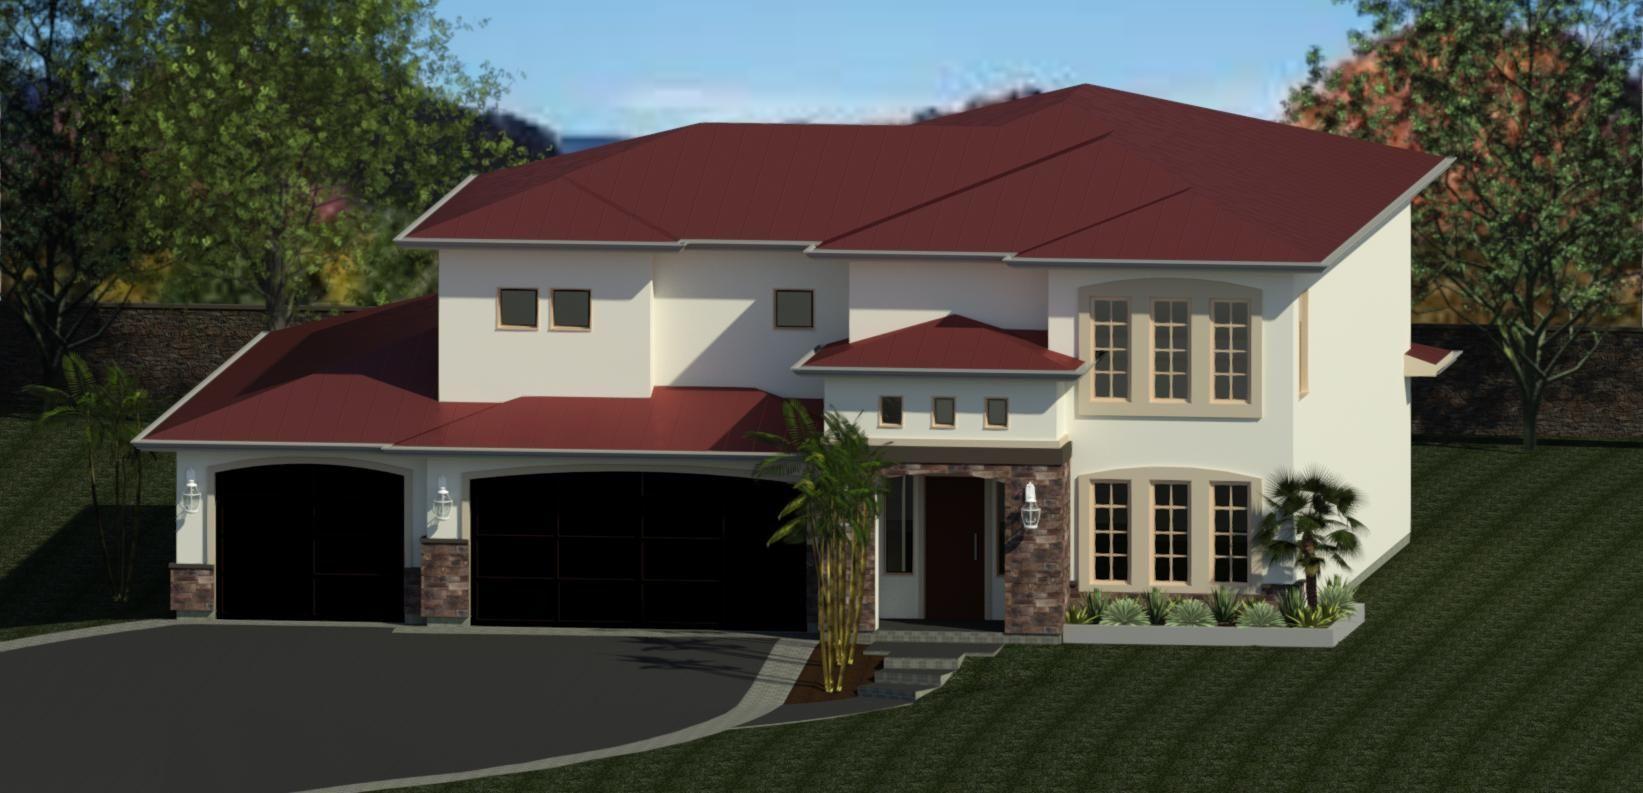 Cooper Rendering 2017 Salisbury Homes Floor Plans House Styles